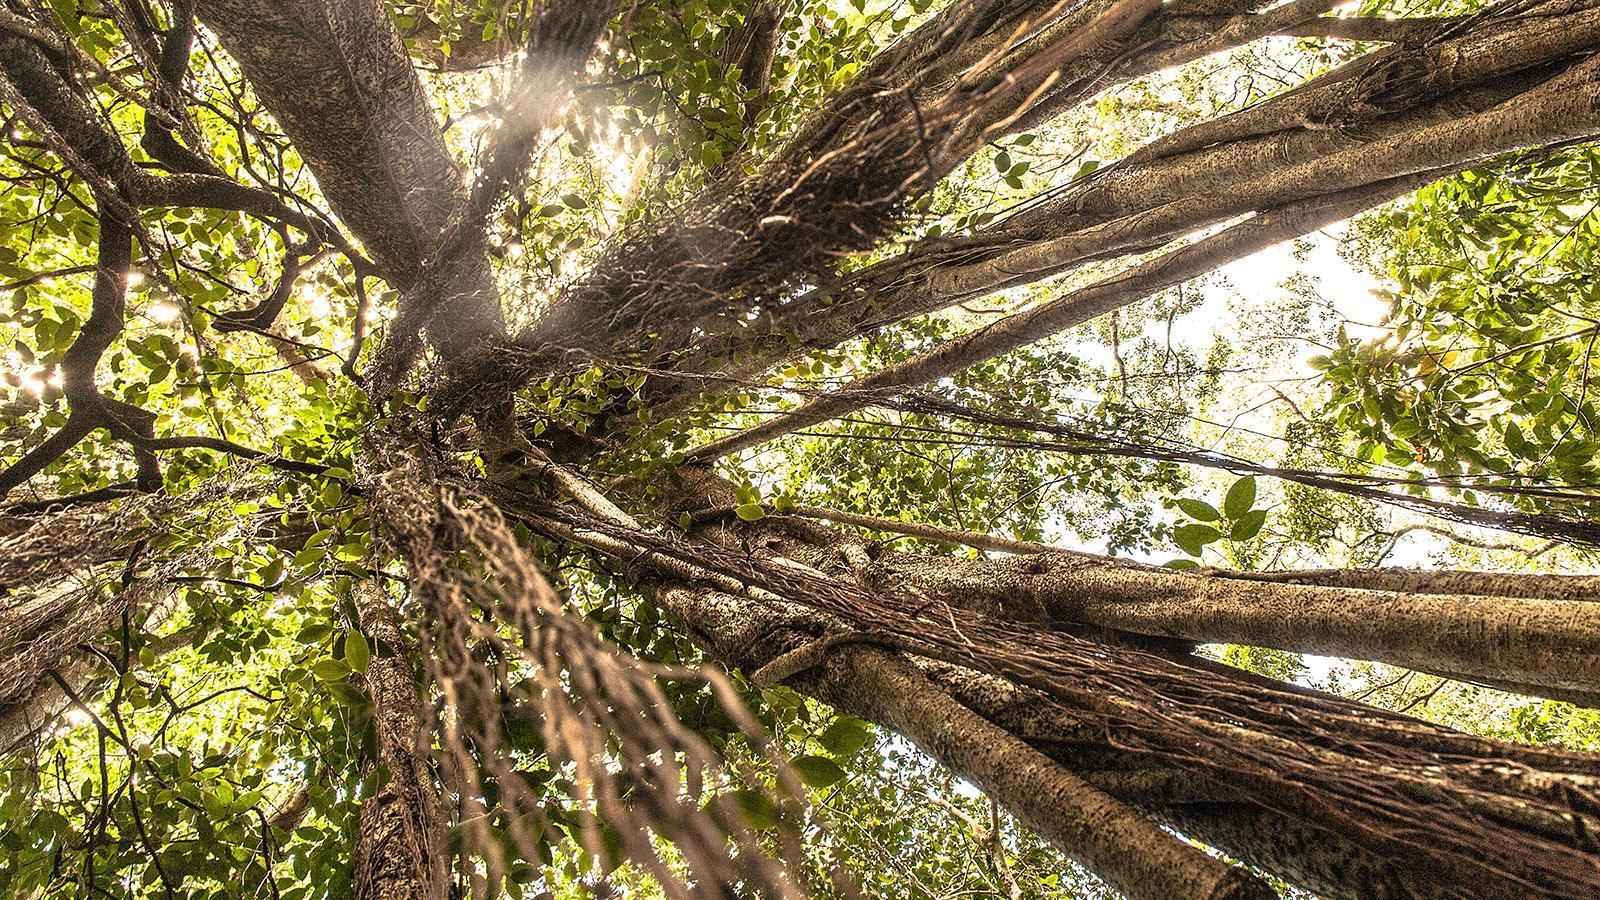 Lianen, Mangroven, Würgefeigen und Kuni-Bäume: der Wald der ÎLe des Piins bei der Baie d'Upi. Foto: Hilke Maunde